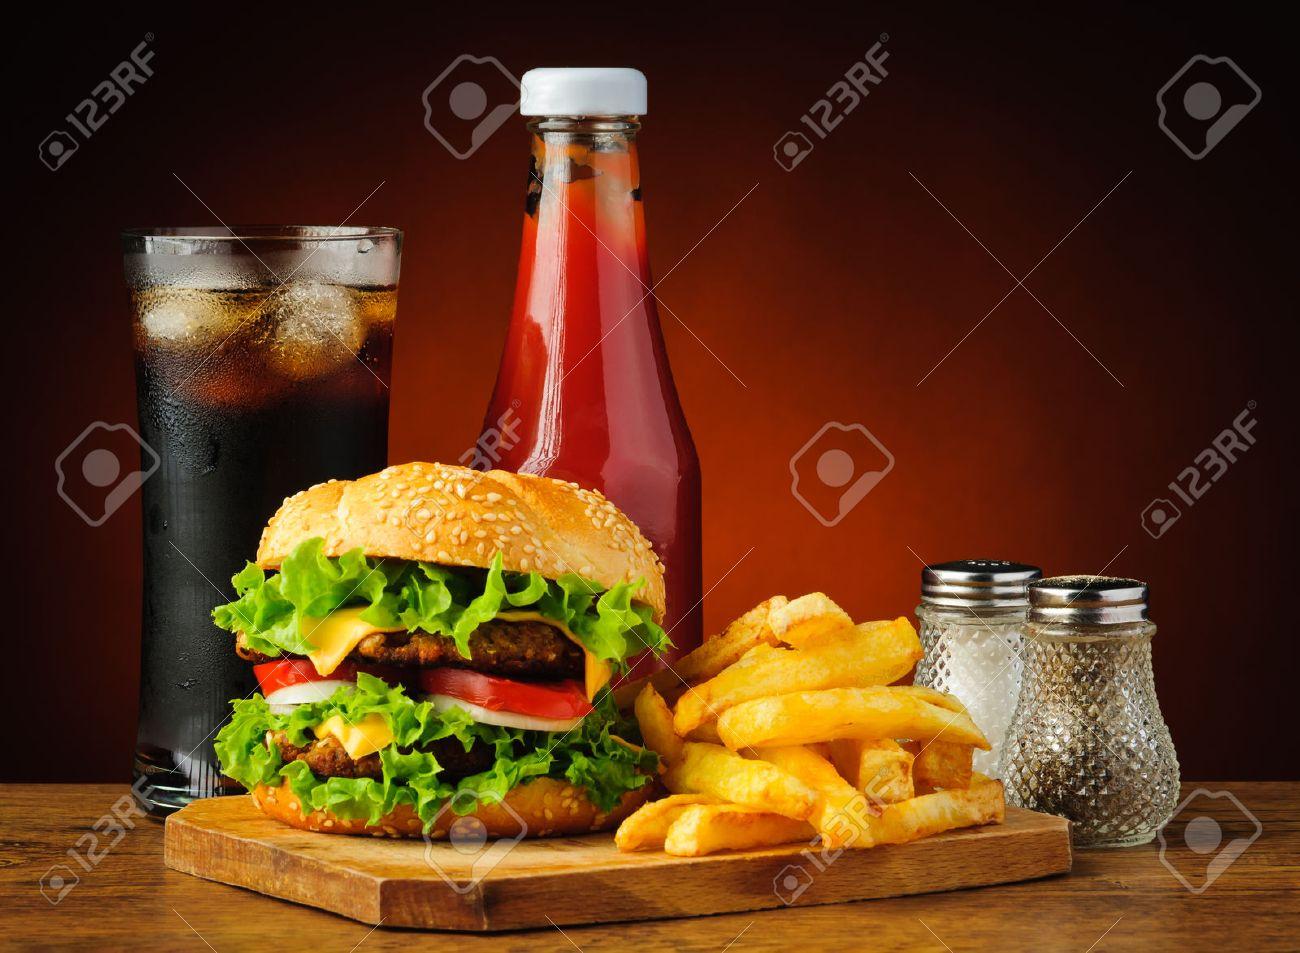 Stilleben Mit Fast-Food-Hamburger-Menü, Französisch Frites ...